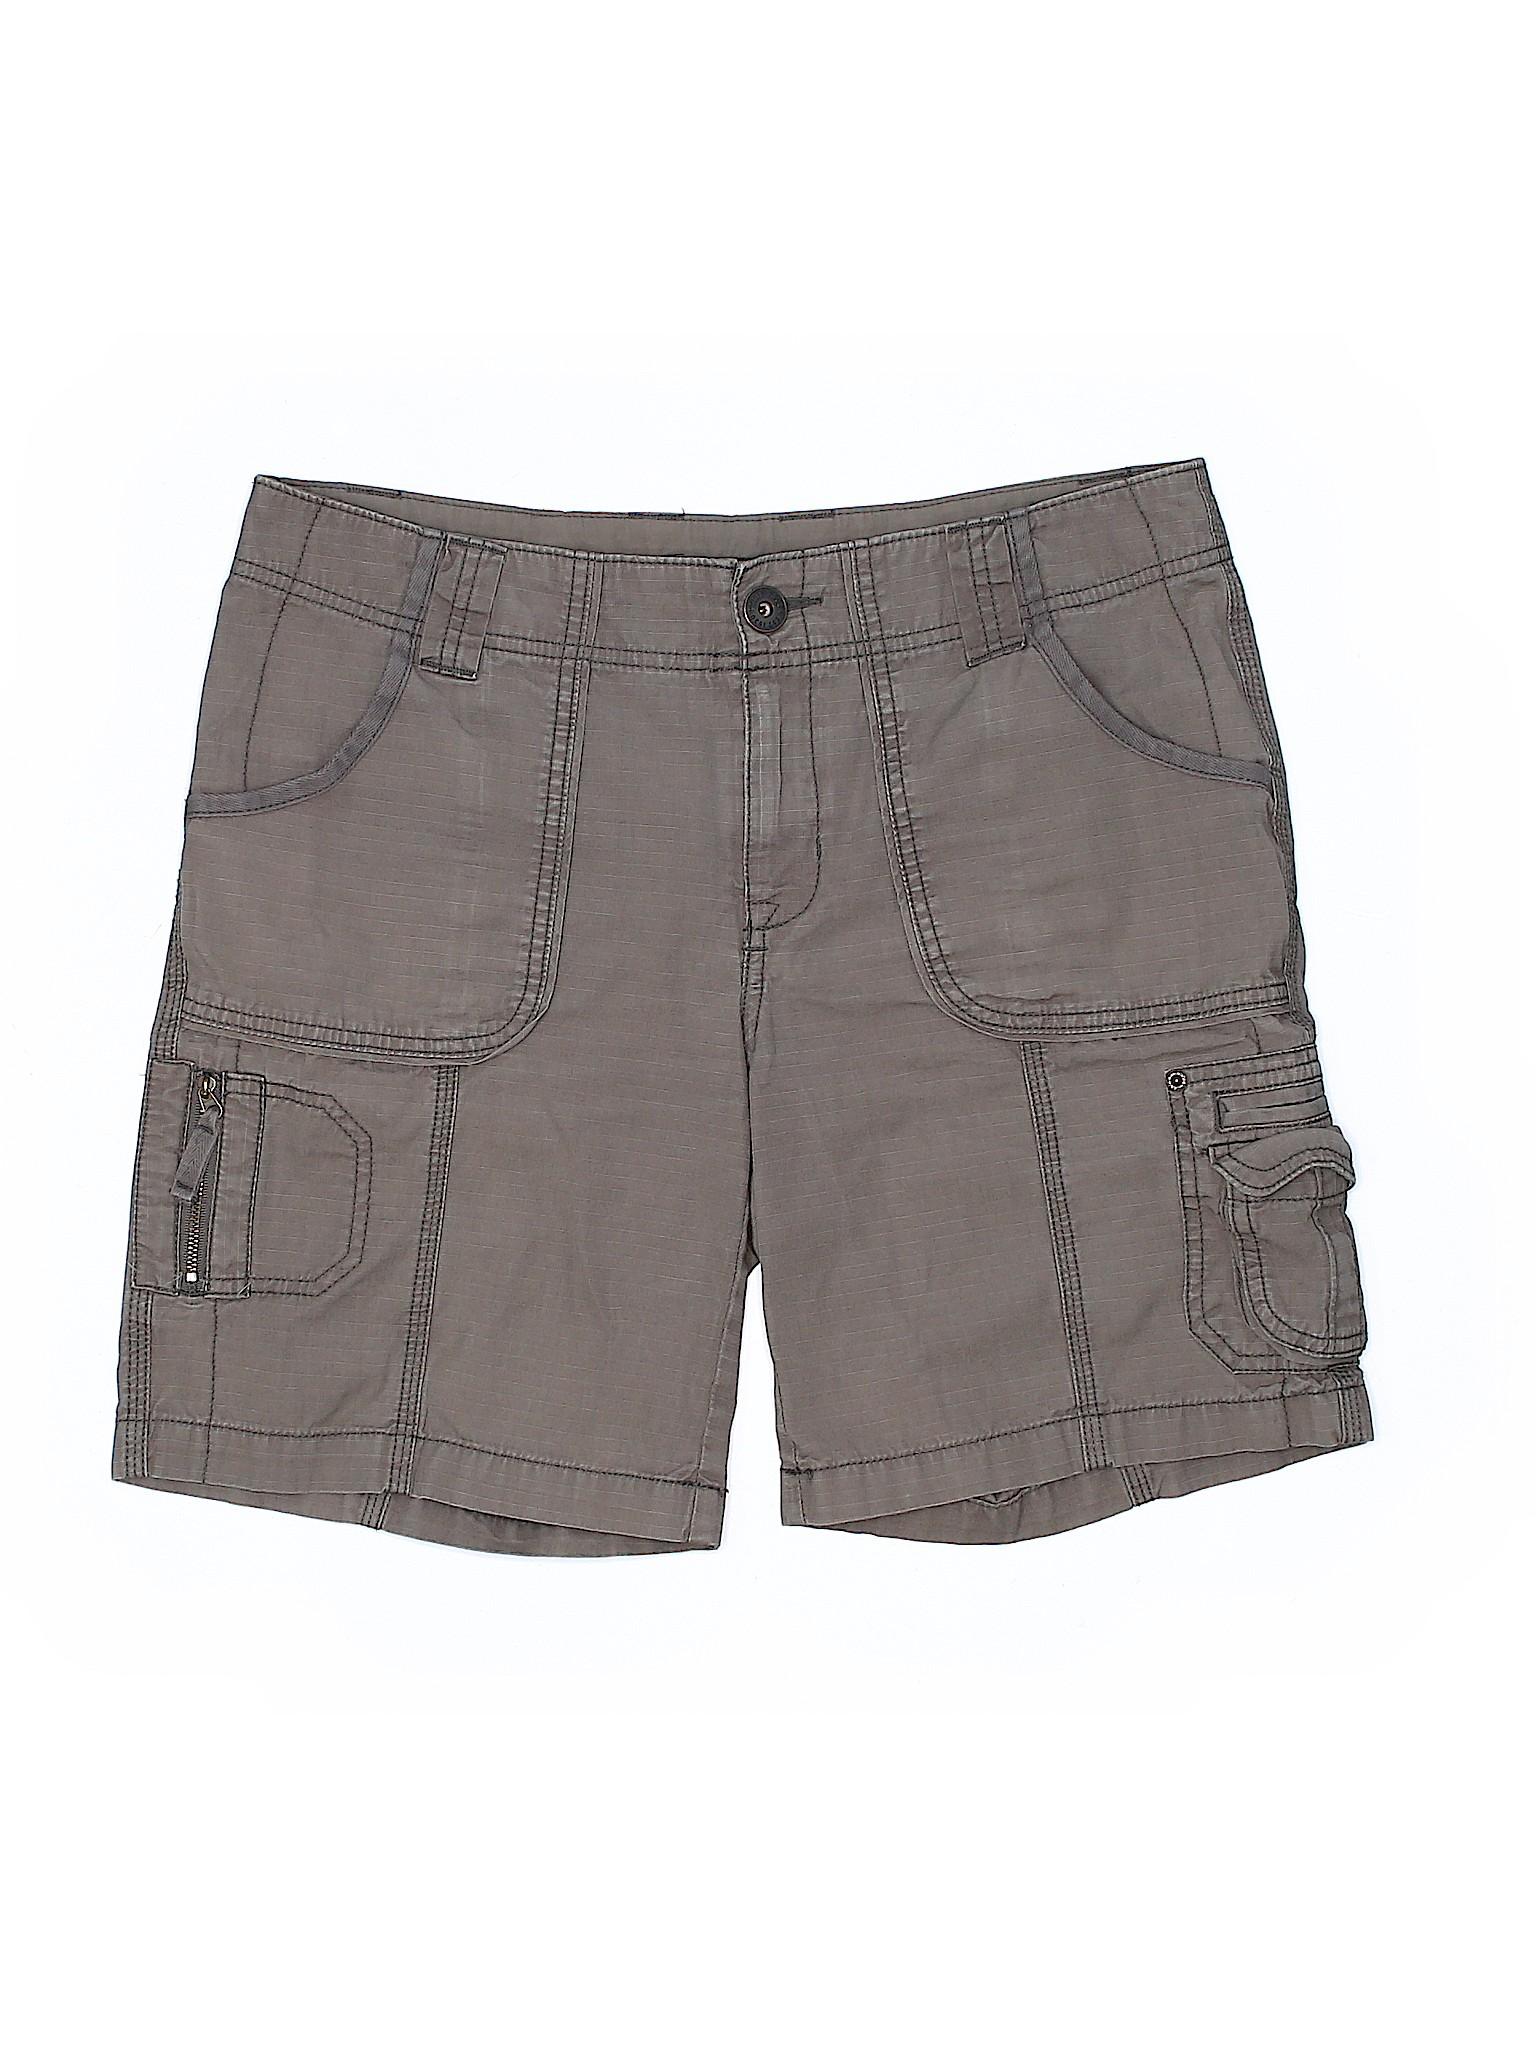 Eddie Boutique Boutique Cargo Boutique Boutique Eddie Bauer Bauer Eddie Cargo Shorts Shorts Shorts Bauer Cargo aUPRqcO